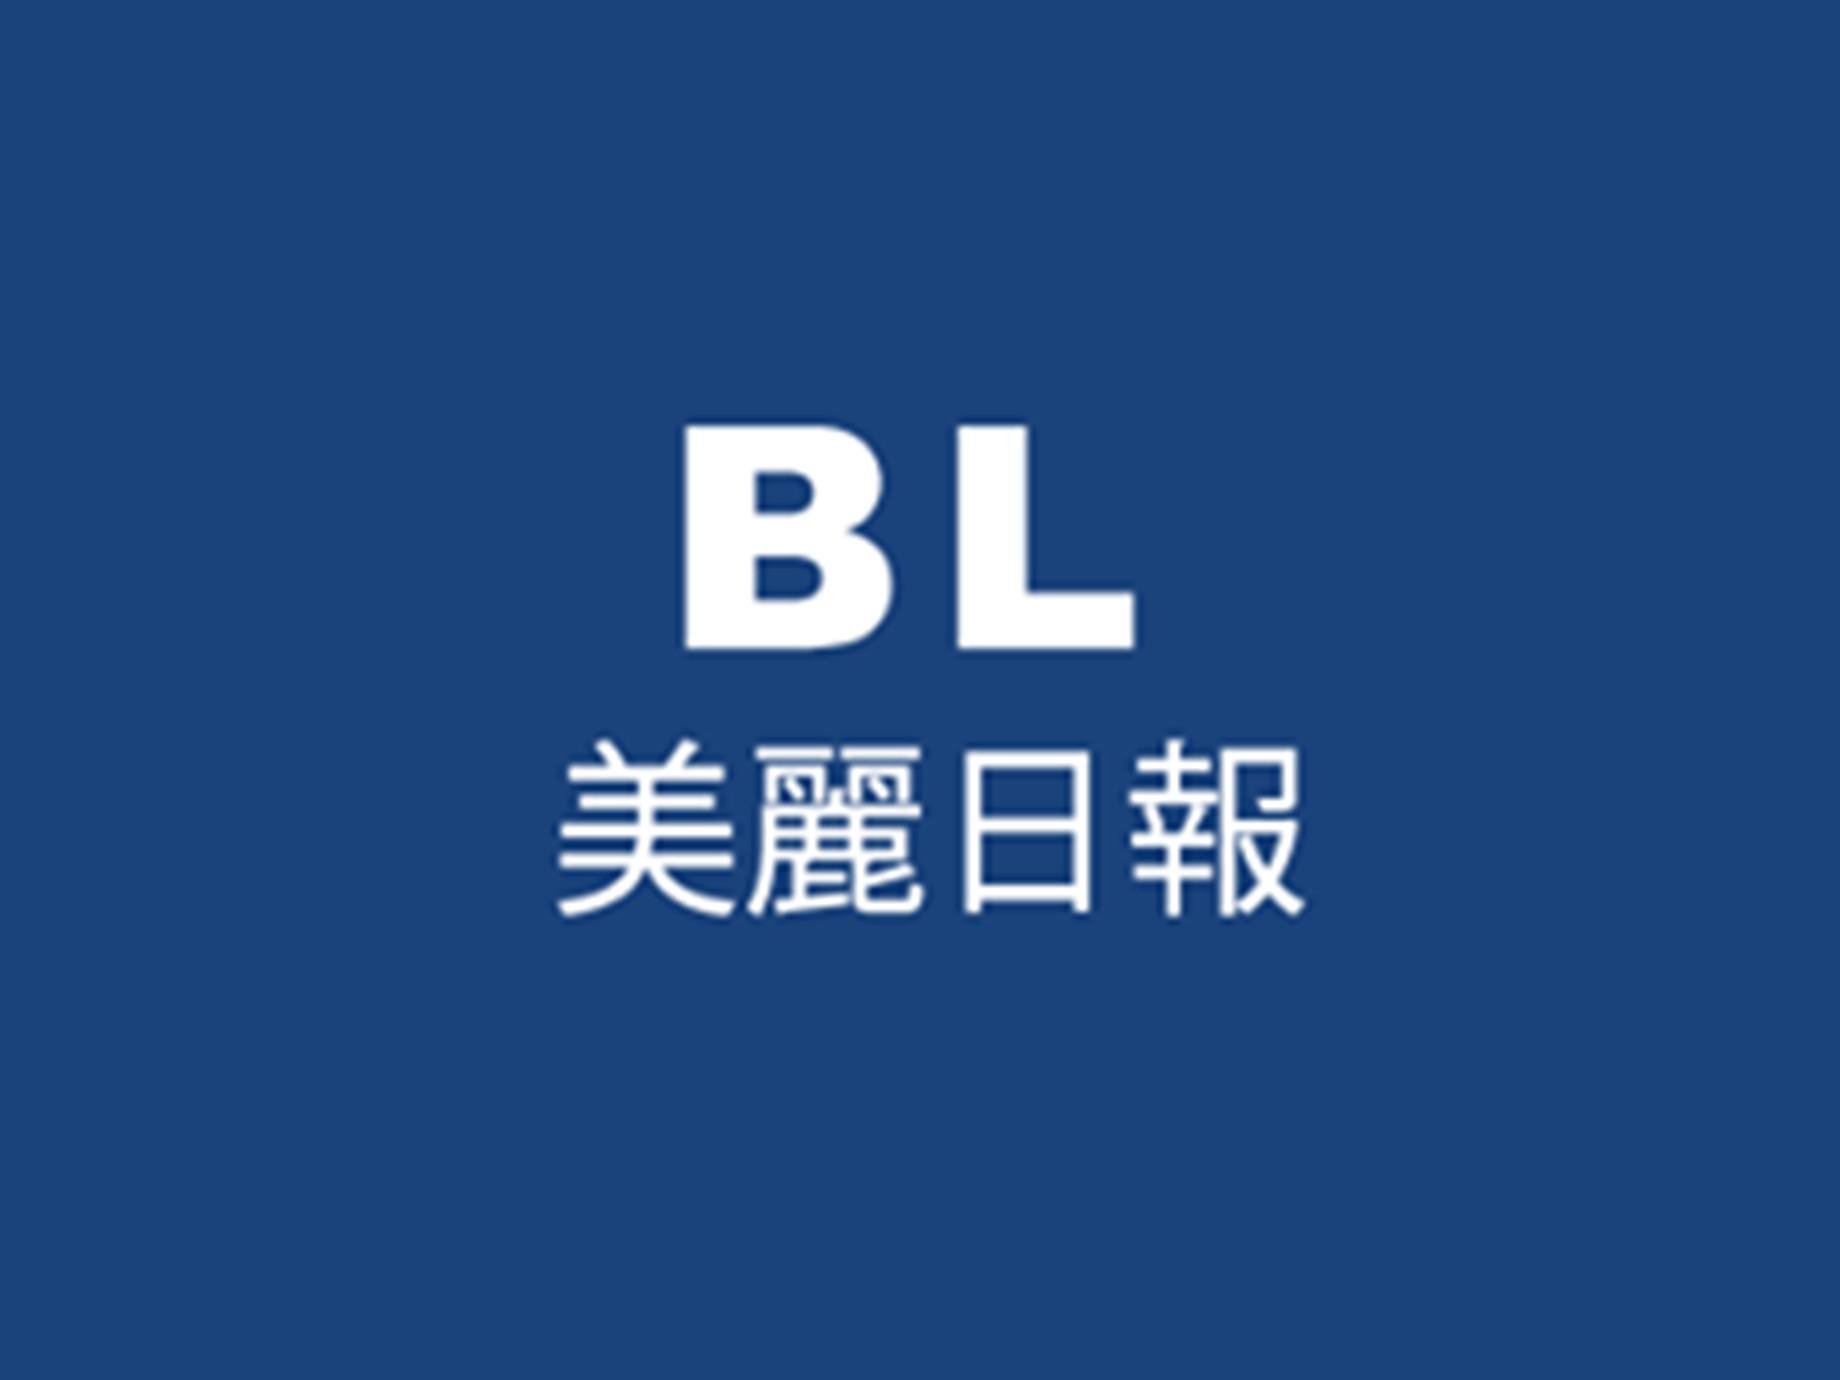 【台灣Facebook粉絲團 Top 50名單】2018年第二季揭曉:媒體類別仍最大贏家,美麗日報粉絲數本季成長19萬人